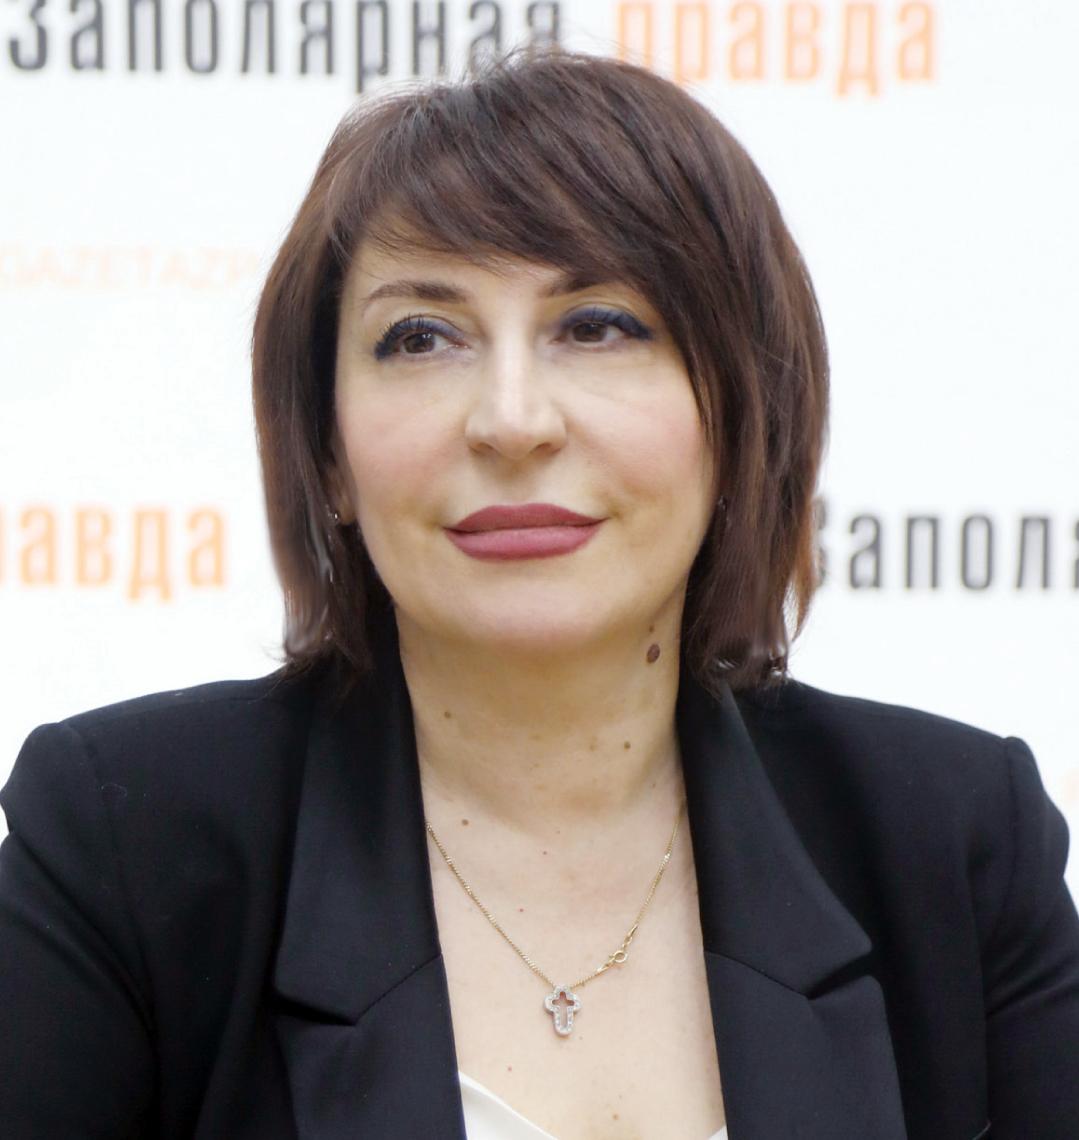 Наталья Солодовник: «Городу нужен глава, который объединит, а не внесёт раздор»